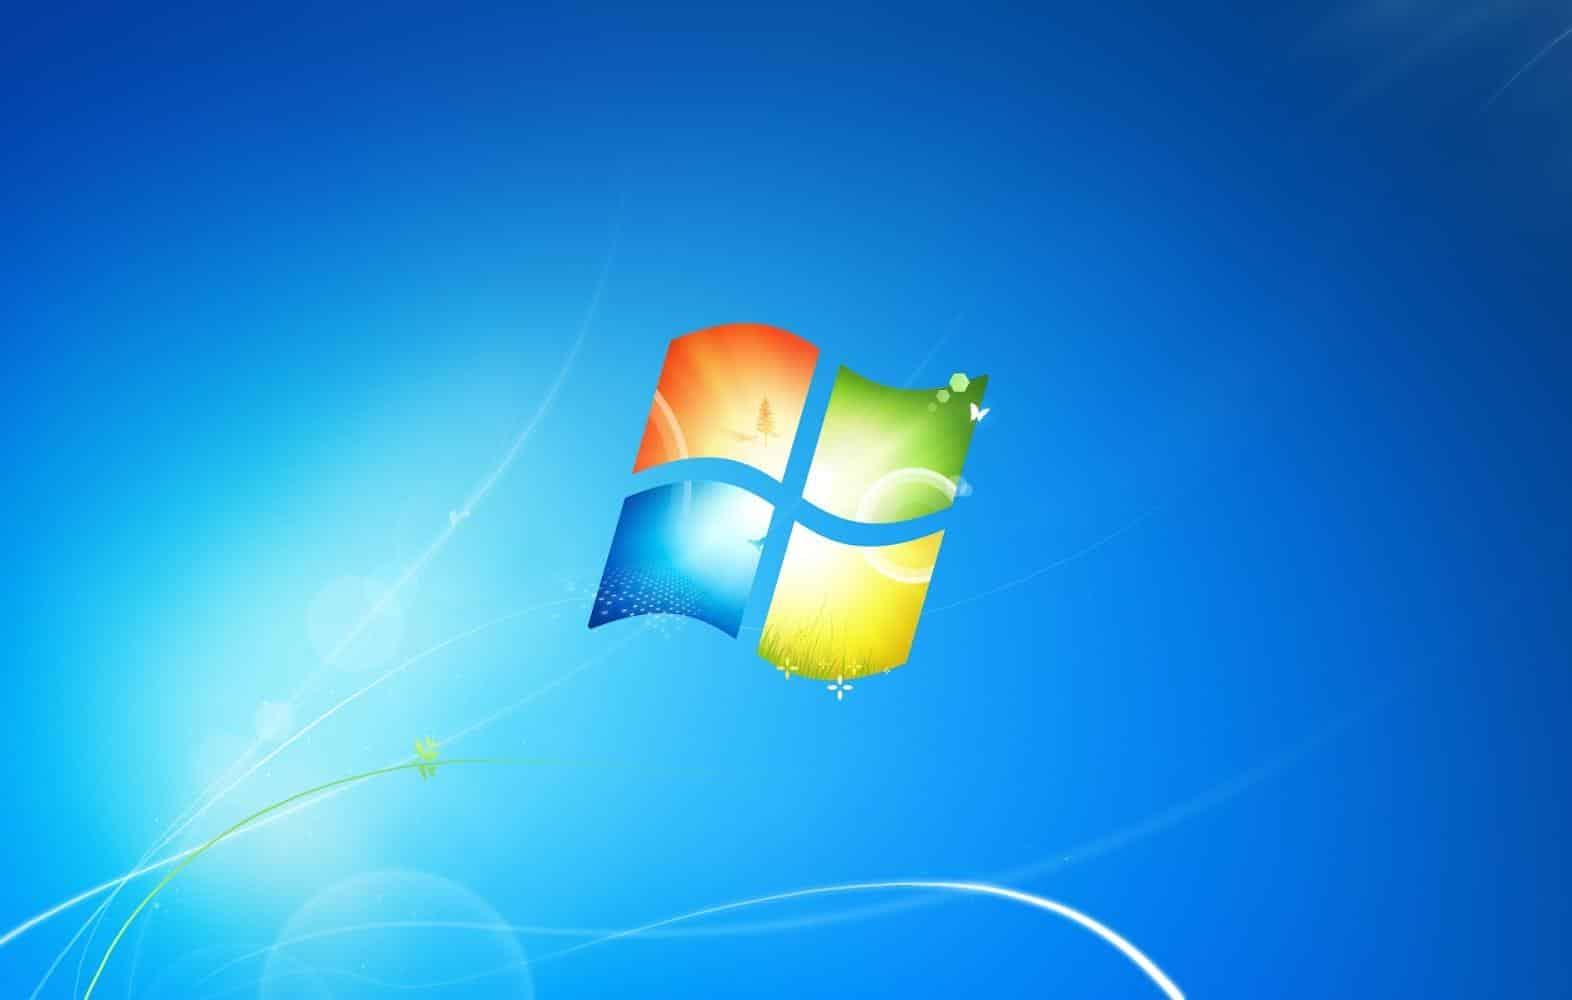 Com 'morte' do Windows 7, Microsoft recomenda compra de PCs novos